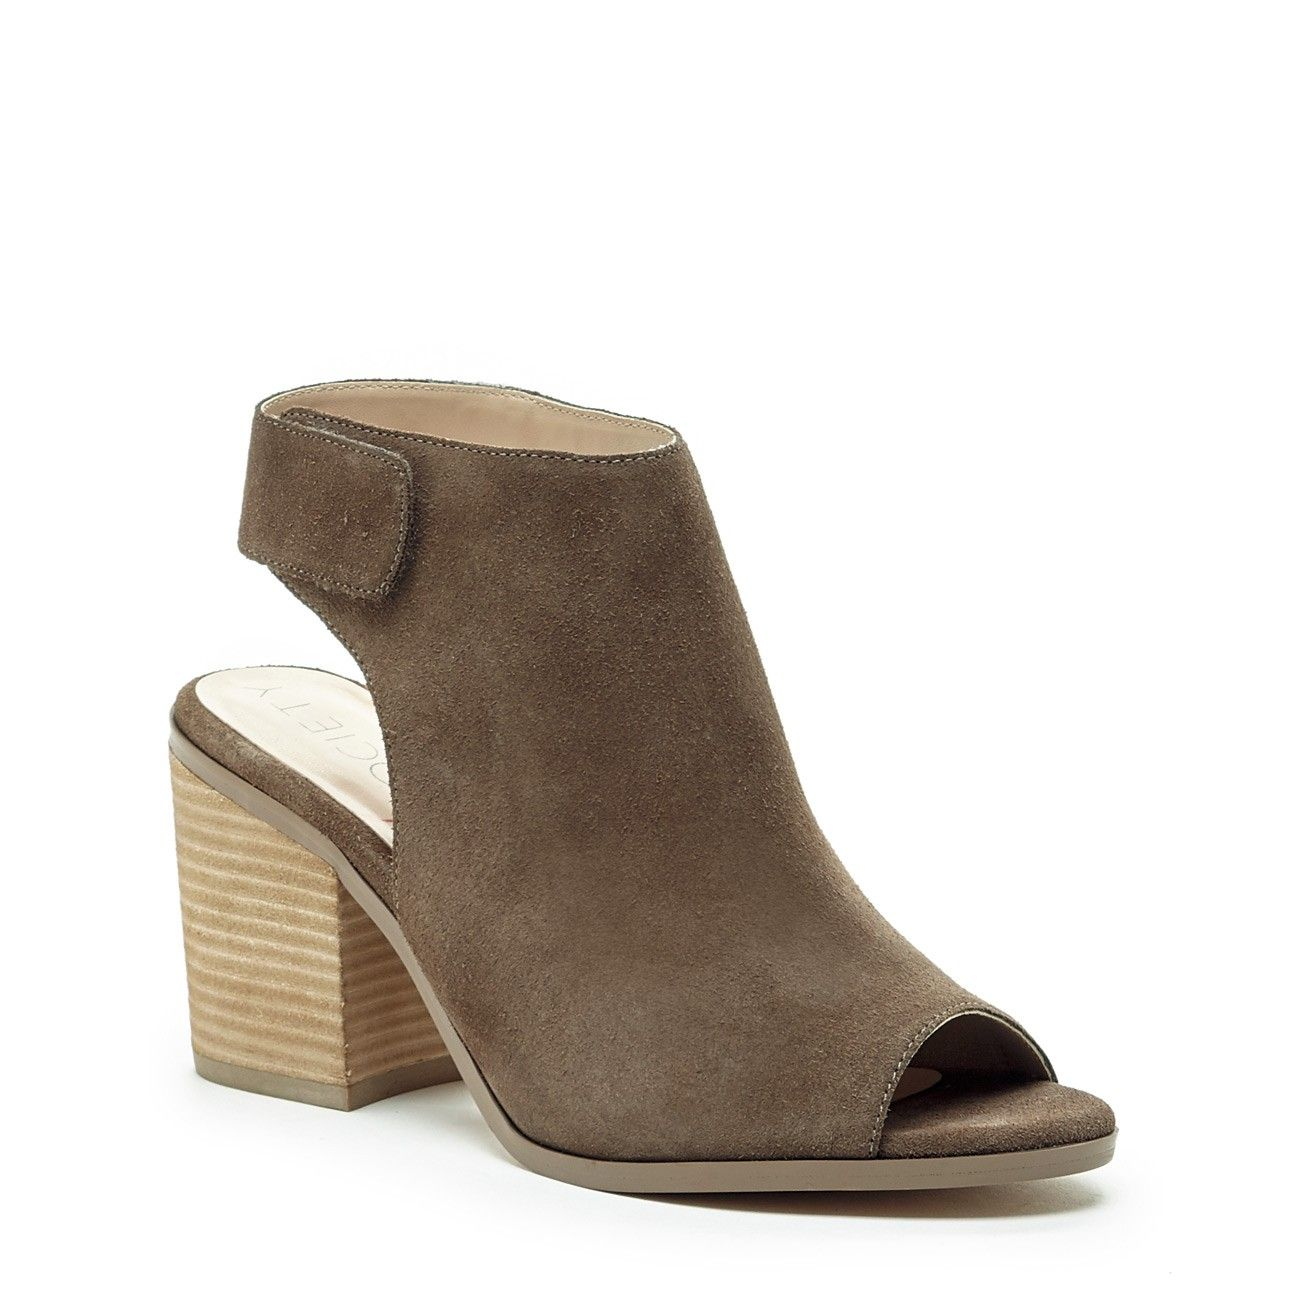 fe756934124 Jagger Block Heel Sandal - Taupe. Block HeelsSpring FashionWomen s ...